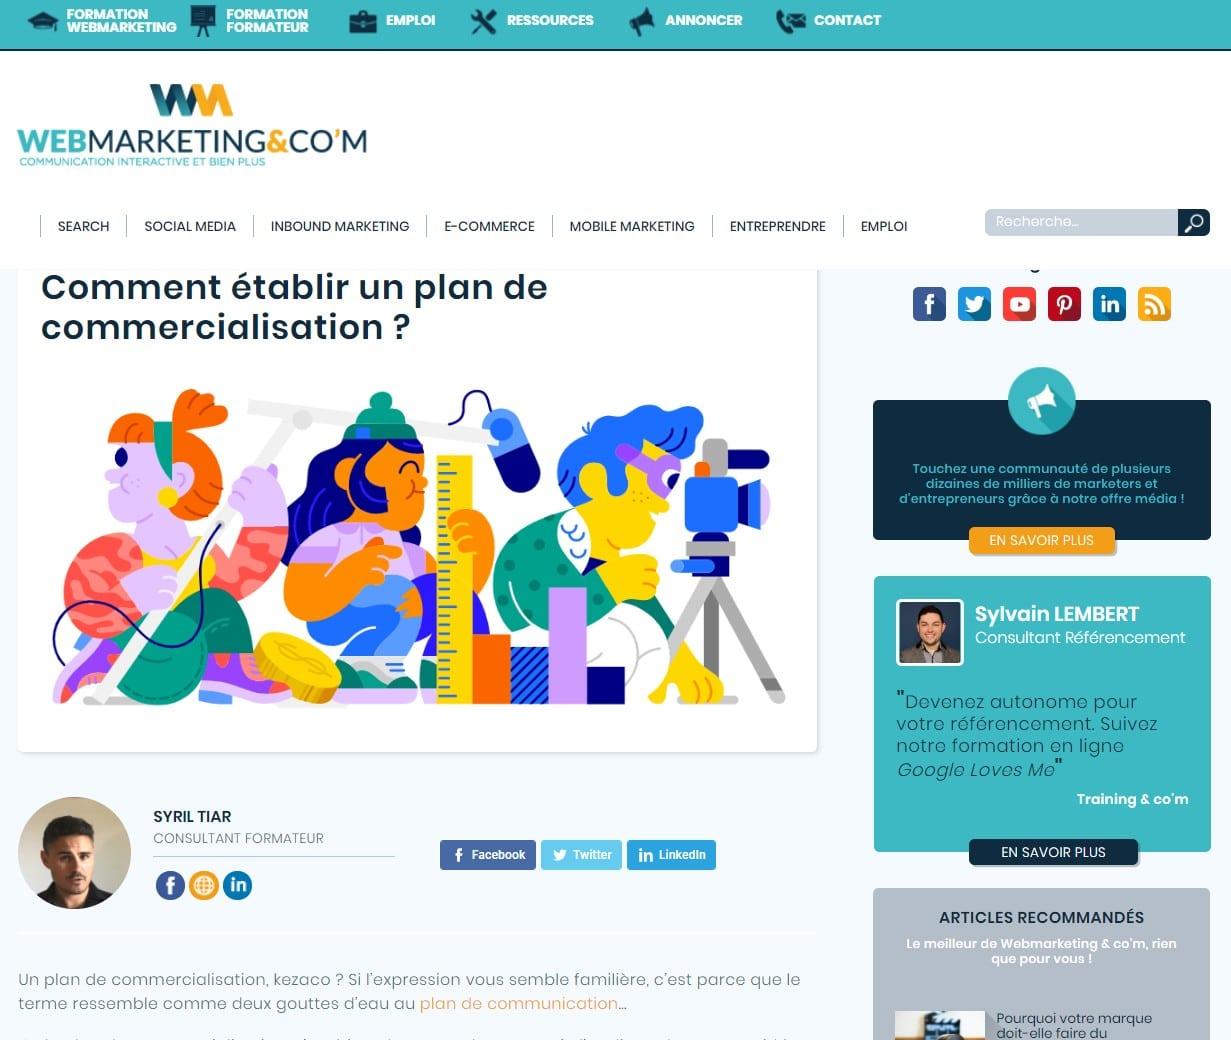 Syril Tiar écrivant pour Webmarketingandcom